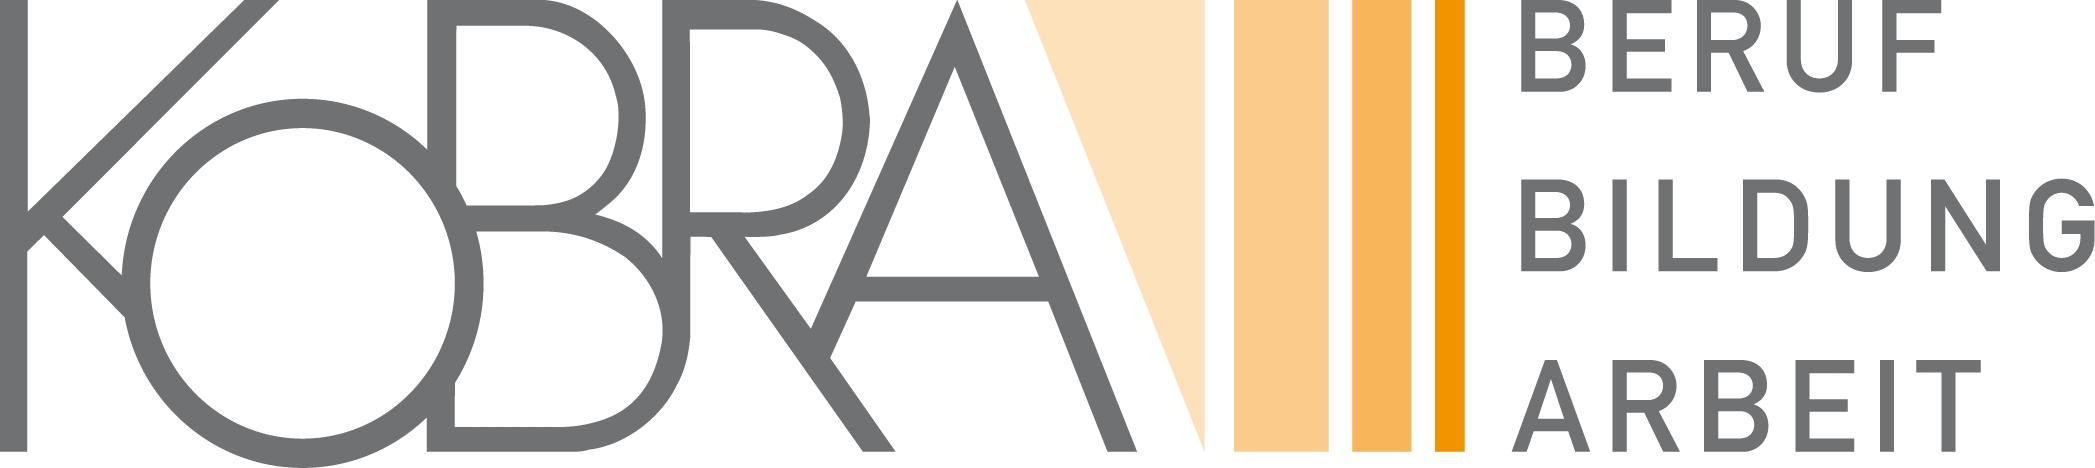 Kobra-Logo